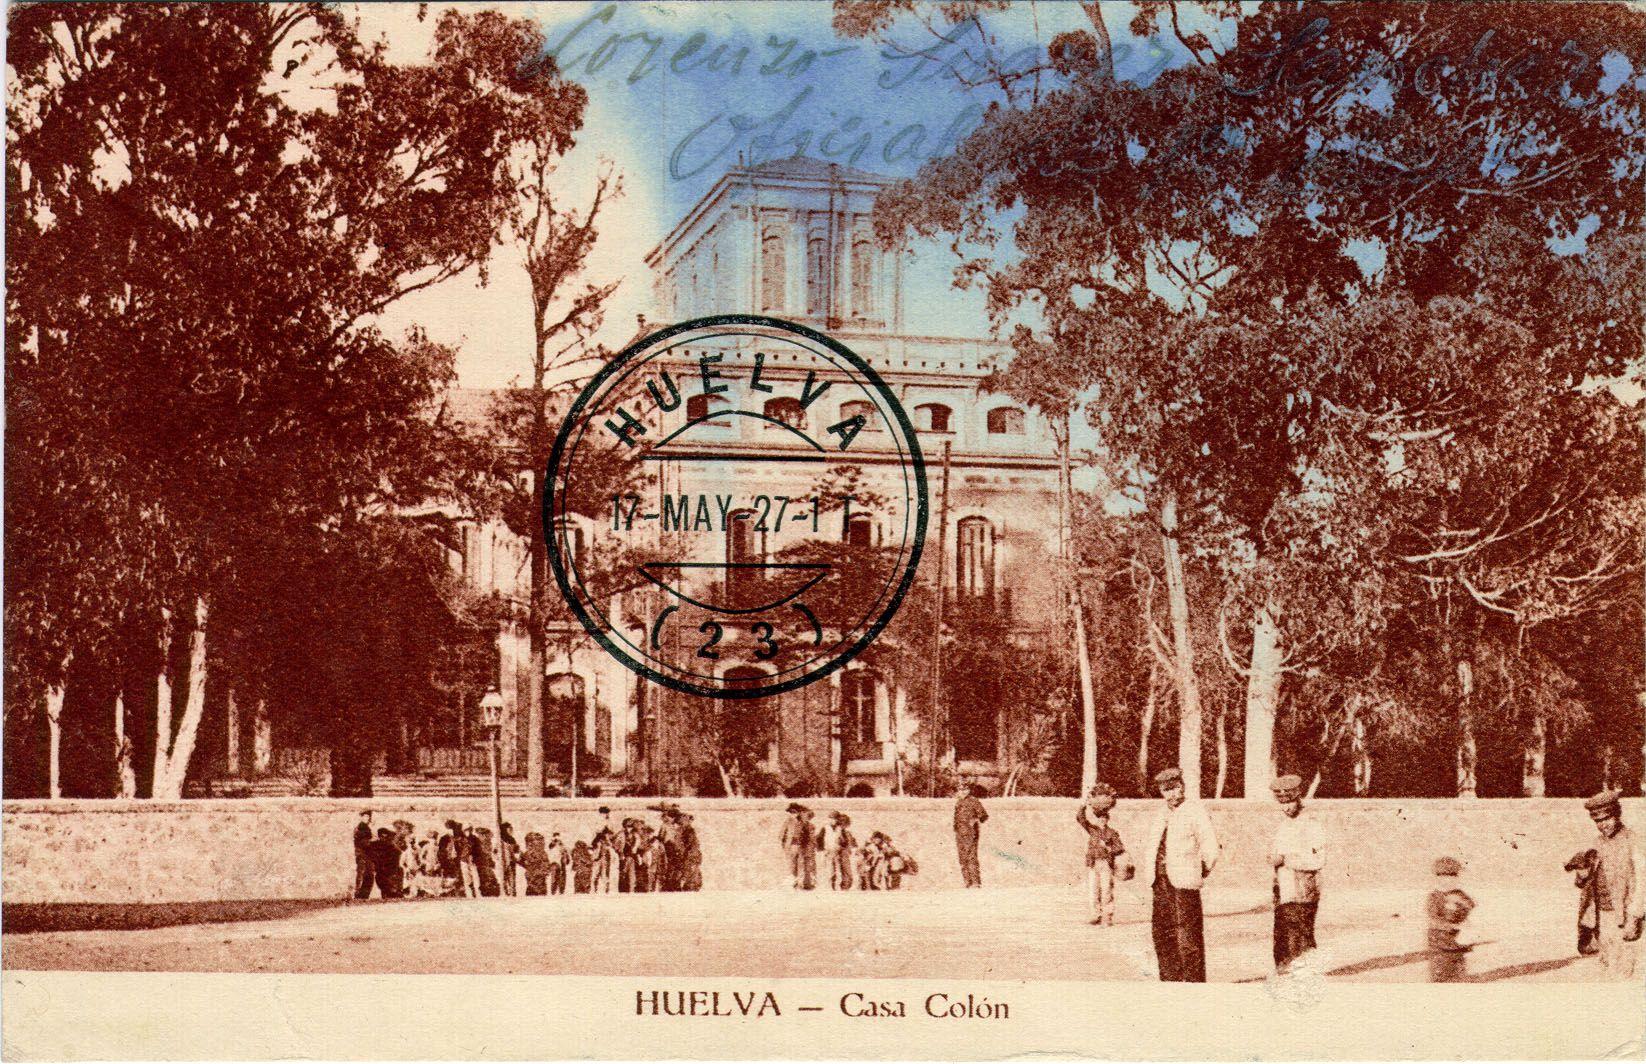 Postales de huelva casa col n la casa col n es un edificio hist rico municipal de la ciudad de - Casa colon huelva ...